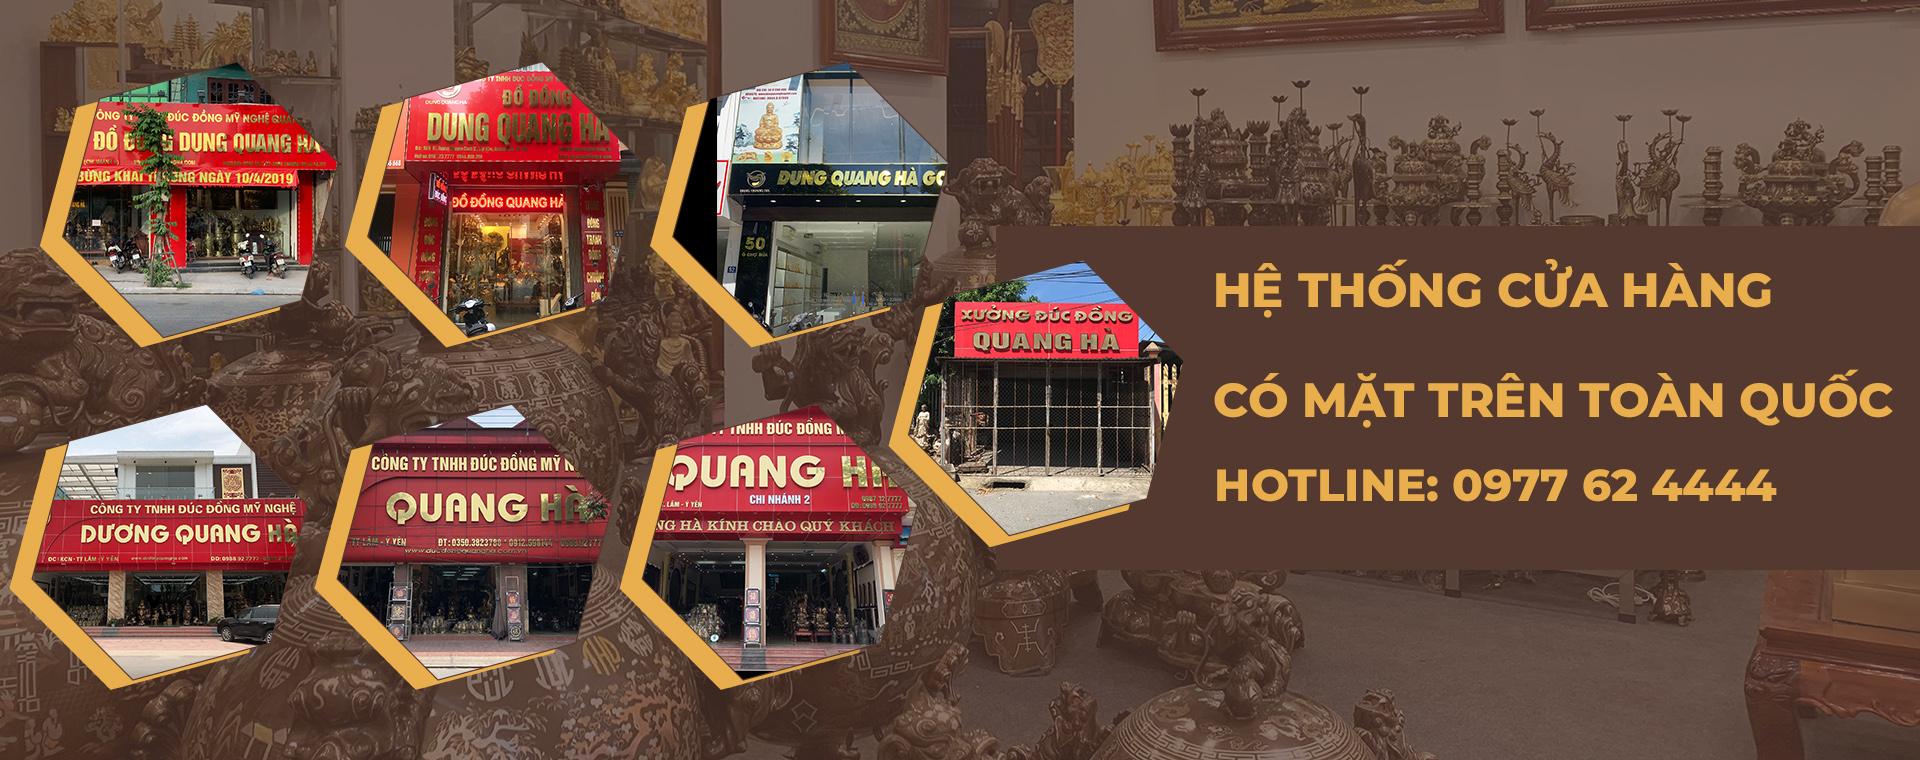 he-thong-cua-hang-cua-do-dong-dung-quang-ha.jpg